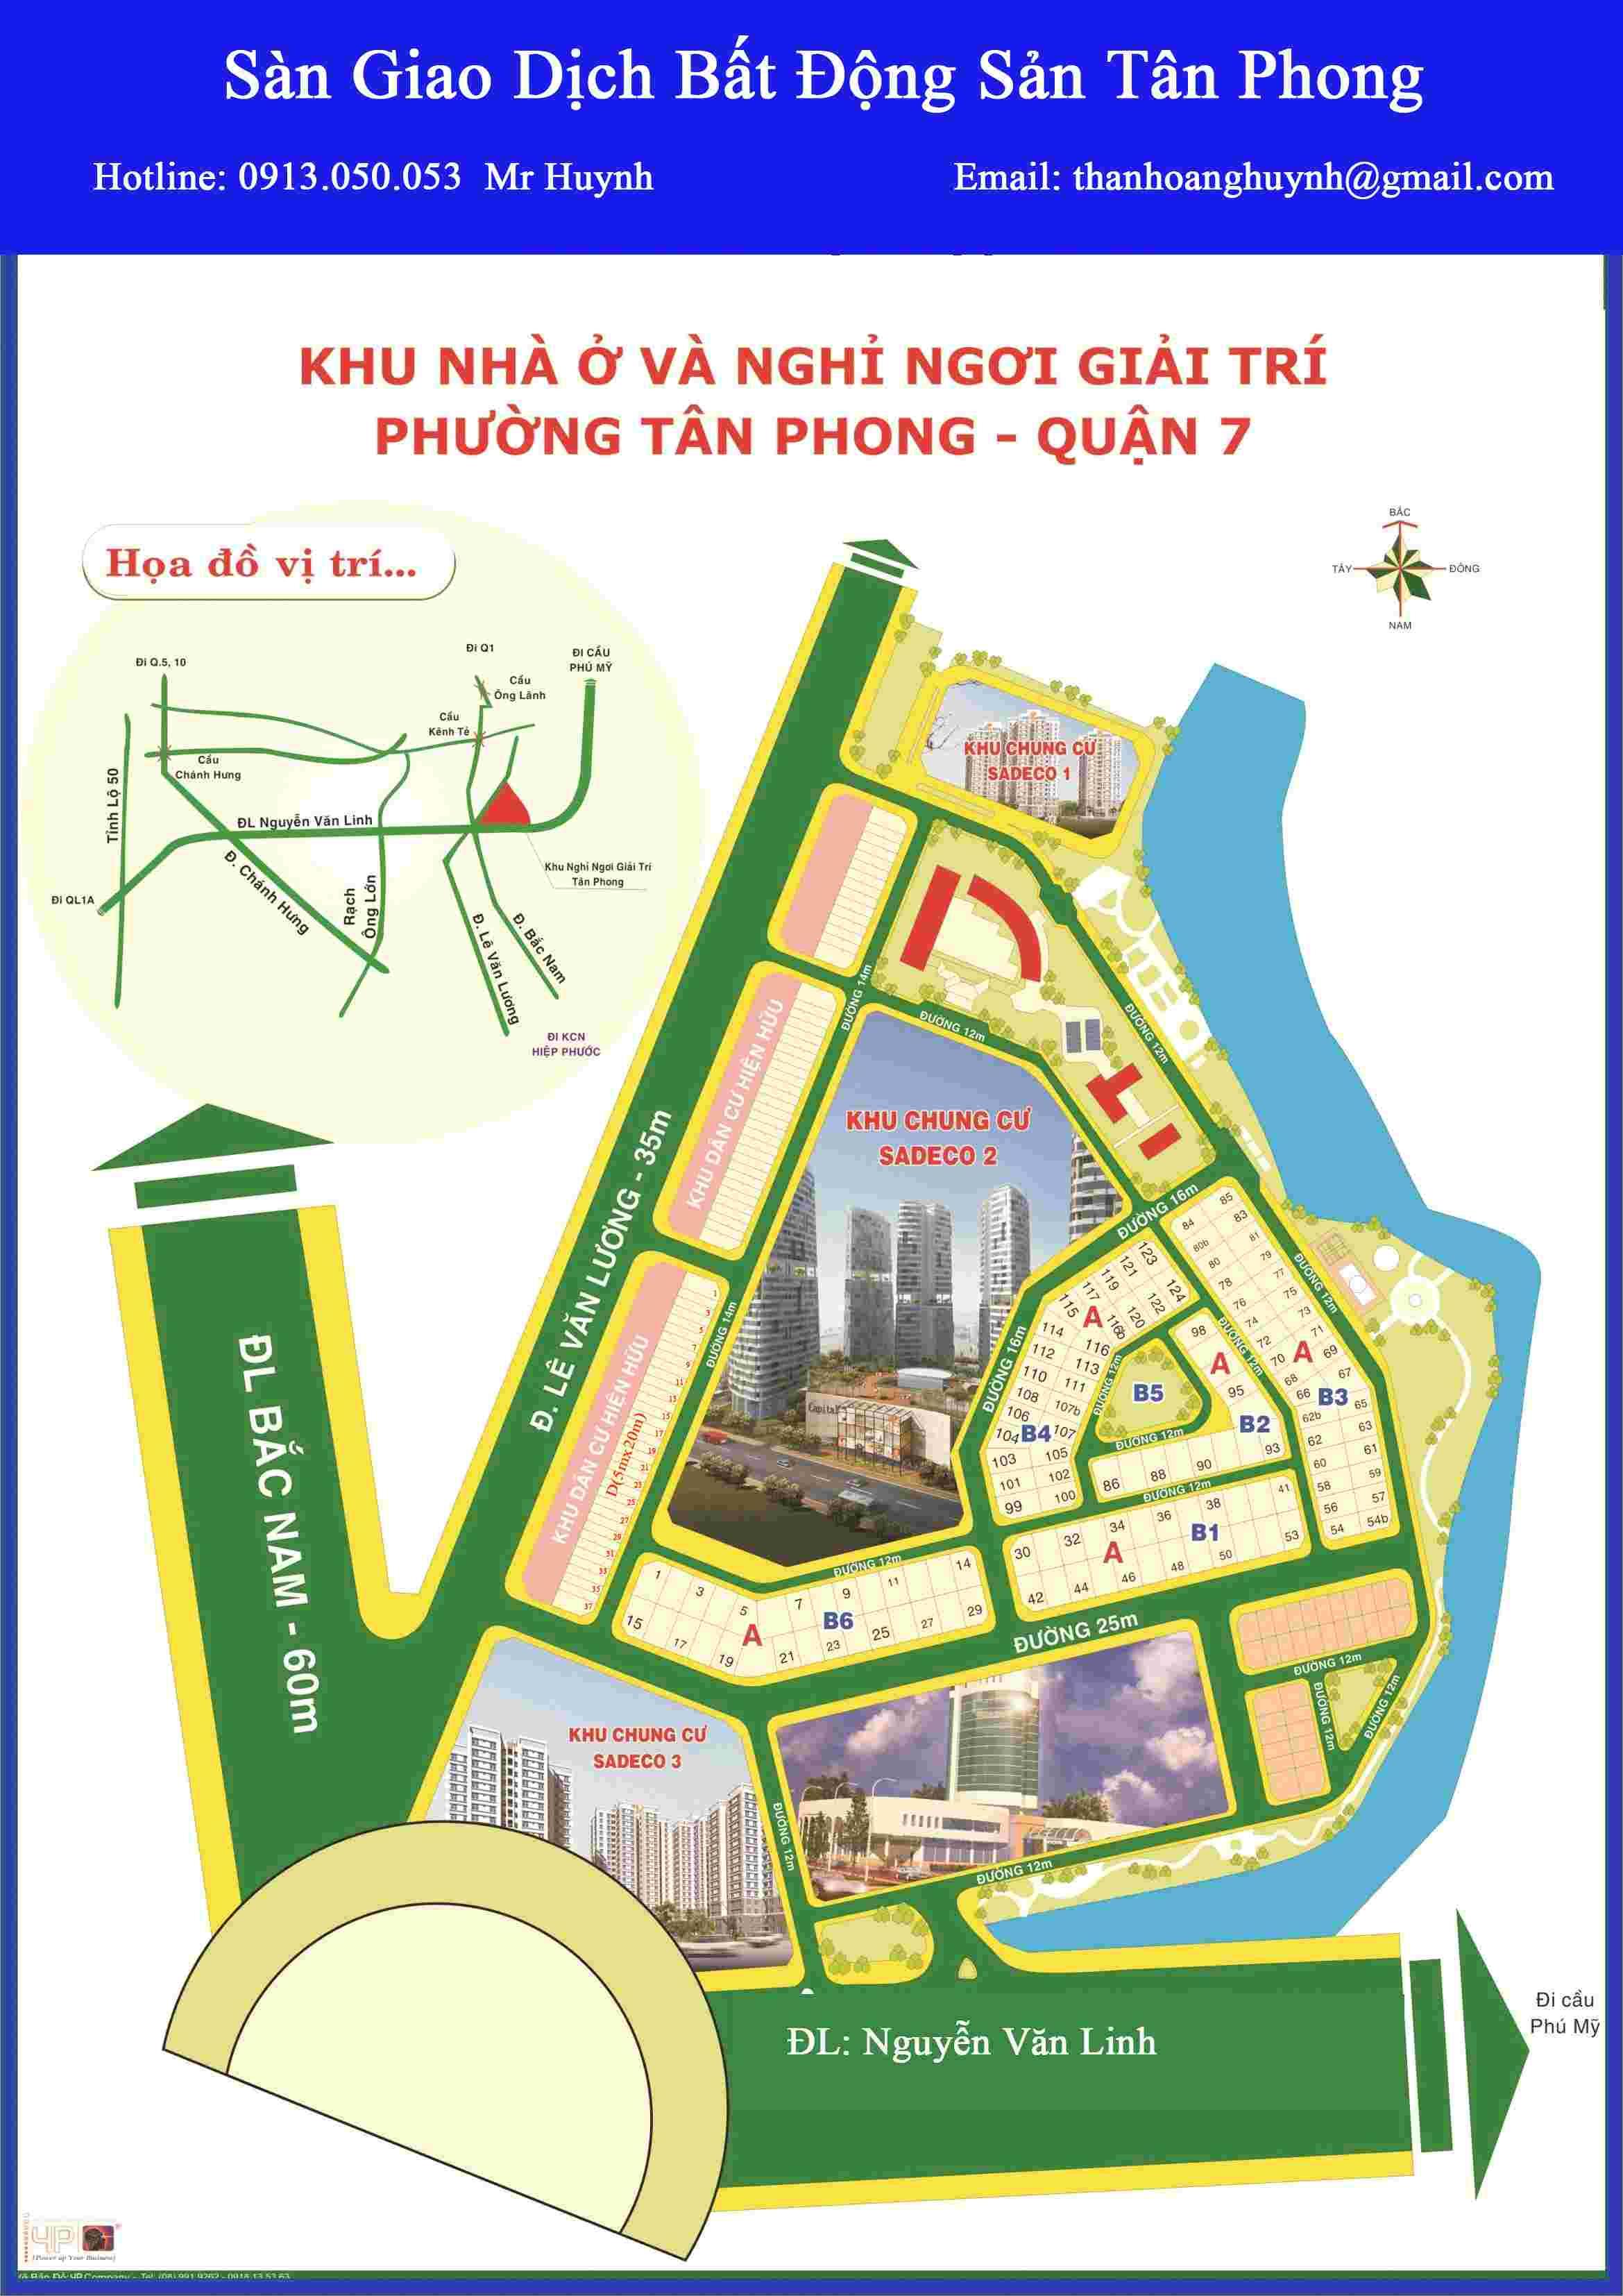 Bán đất biệt thự Nghỉ Ngơi Giải Trí, lô góc 2 MT đường 16m, cách cổng Vivo City khoảng 50m, vị trí cực đẹp, diện tích 237,5m2, giá 90 triệu/m2, đối diện trụ sở Argibank